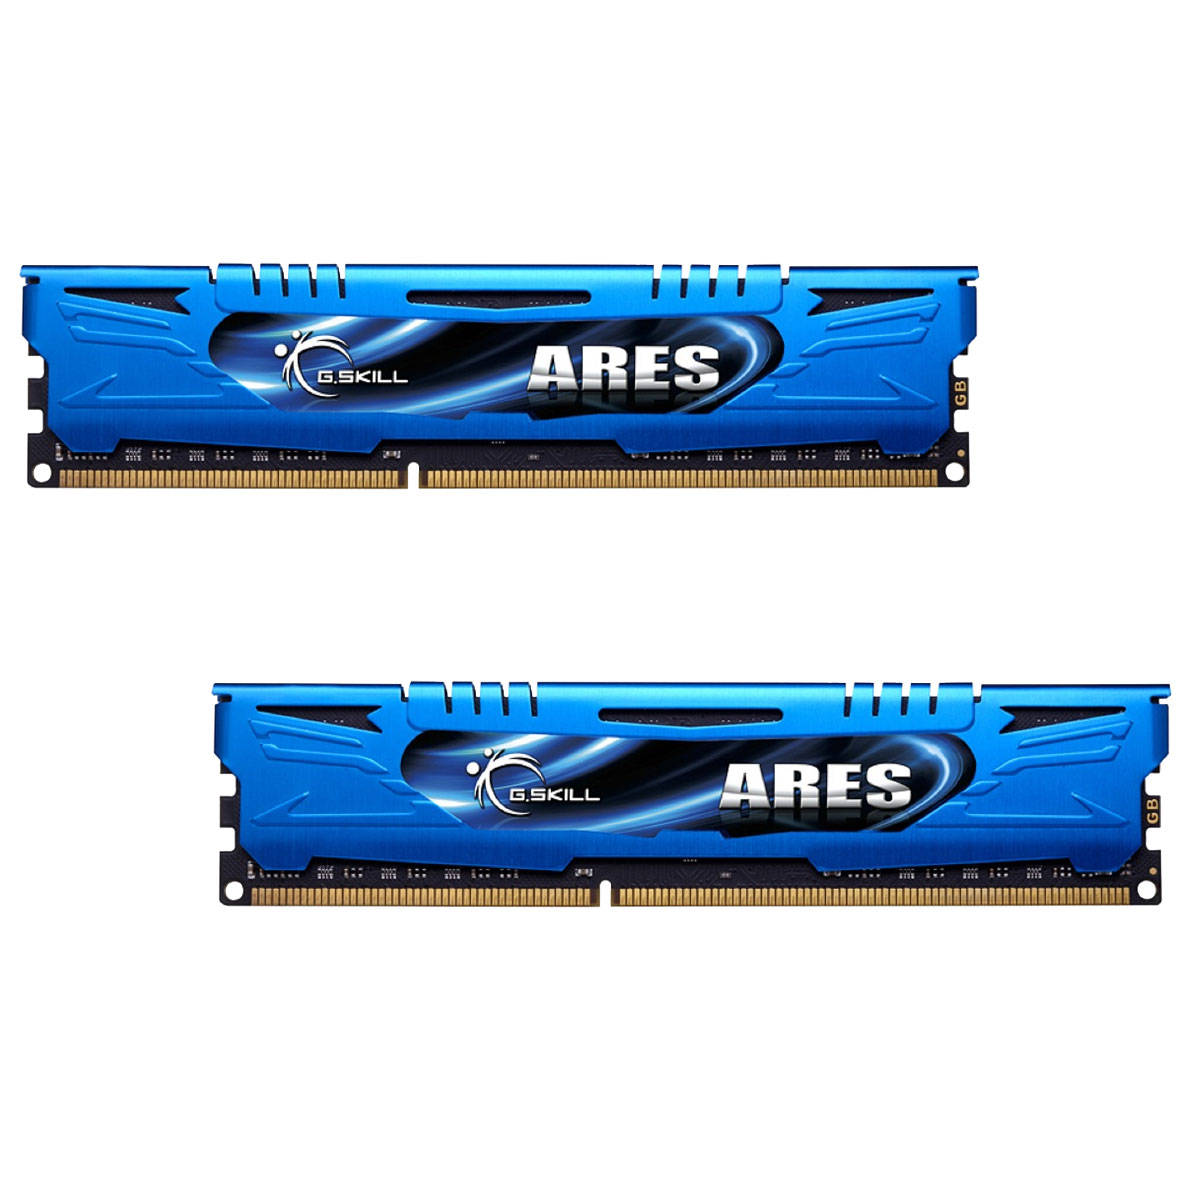 Mémoire GSKill Ares Series 16Go Kit 2x 8Go PC19200 2400 MHz CL11, informatique ile de la Réunion 974